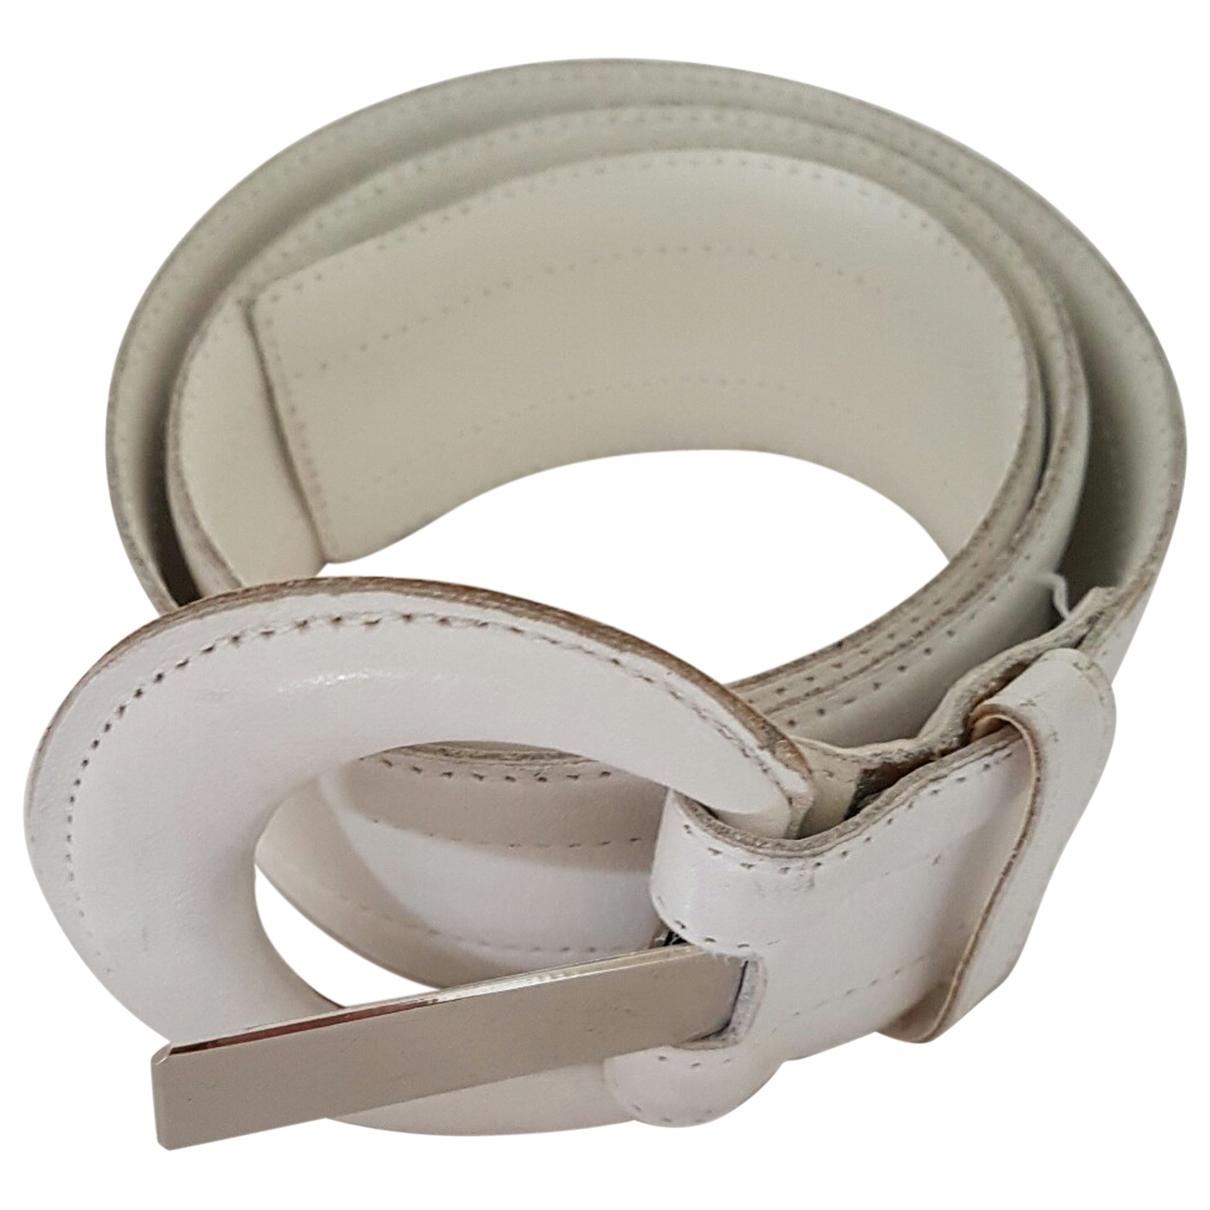 Yves Saint Laurent \N White Leather belt for Women 75 cm